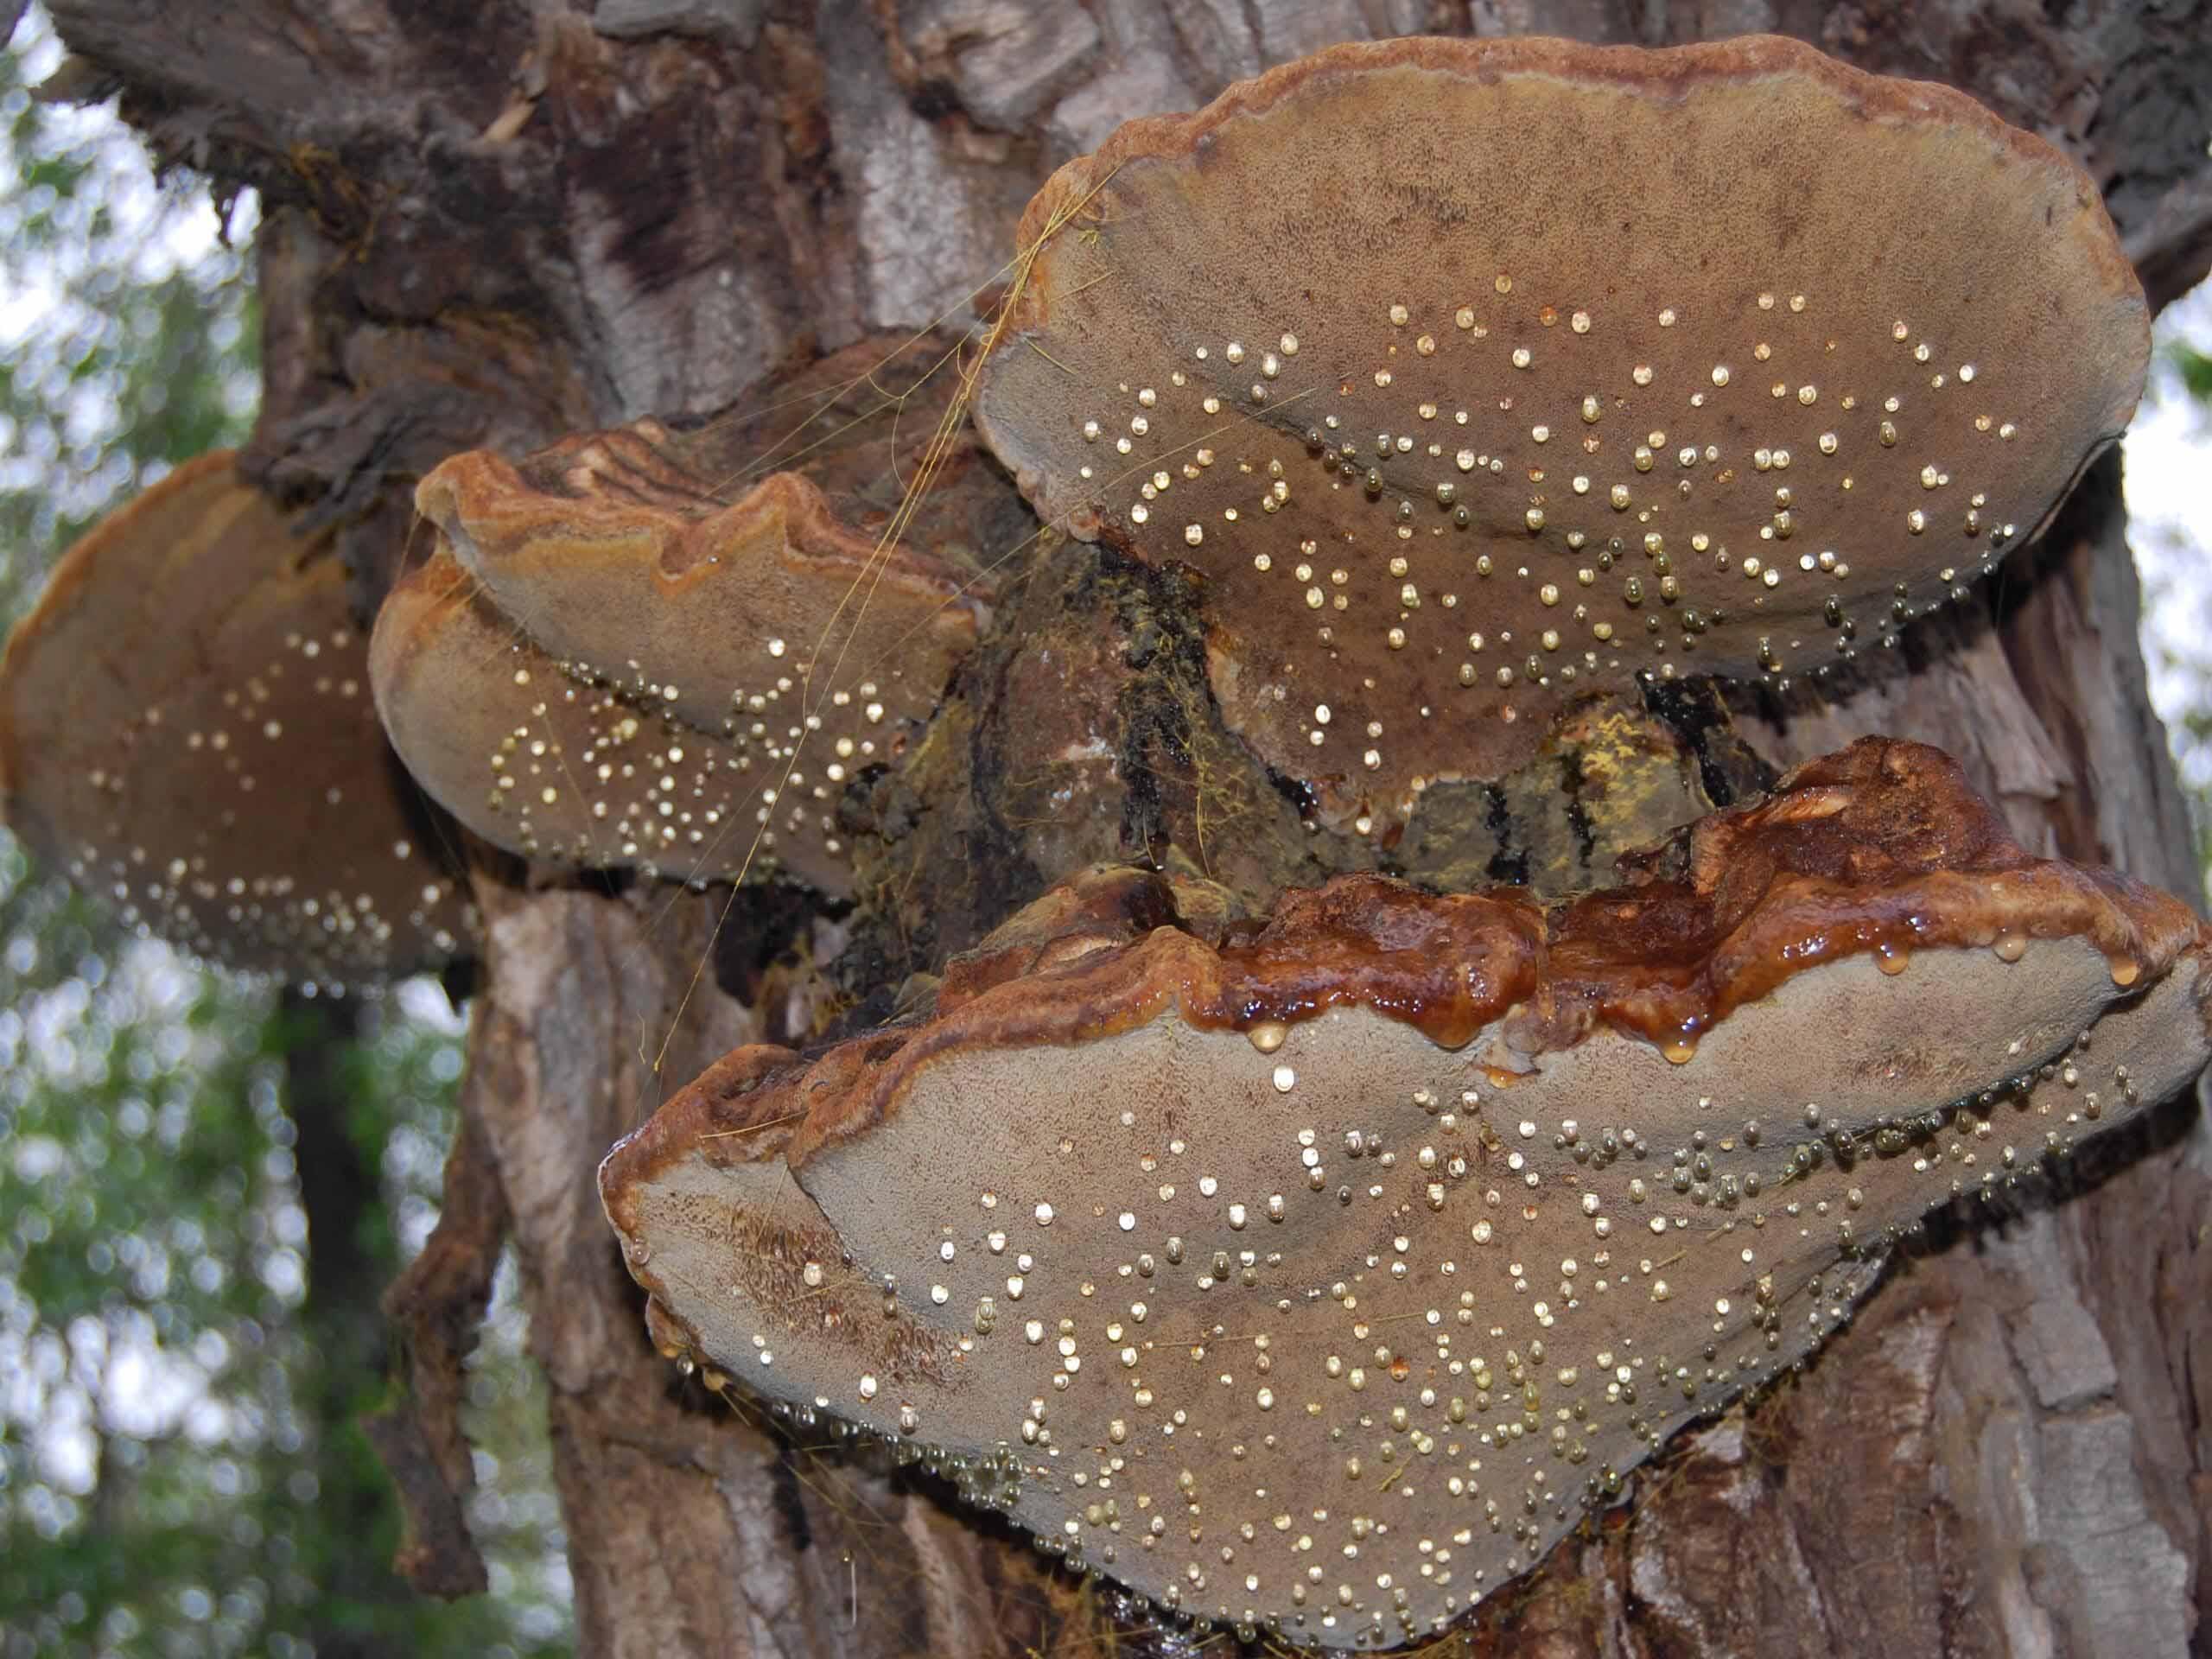 новикову предложили грибы растущие на деревьях съедобные фото крупную